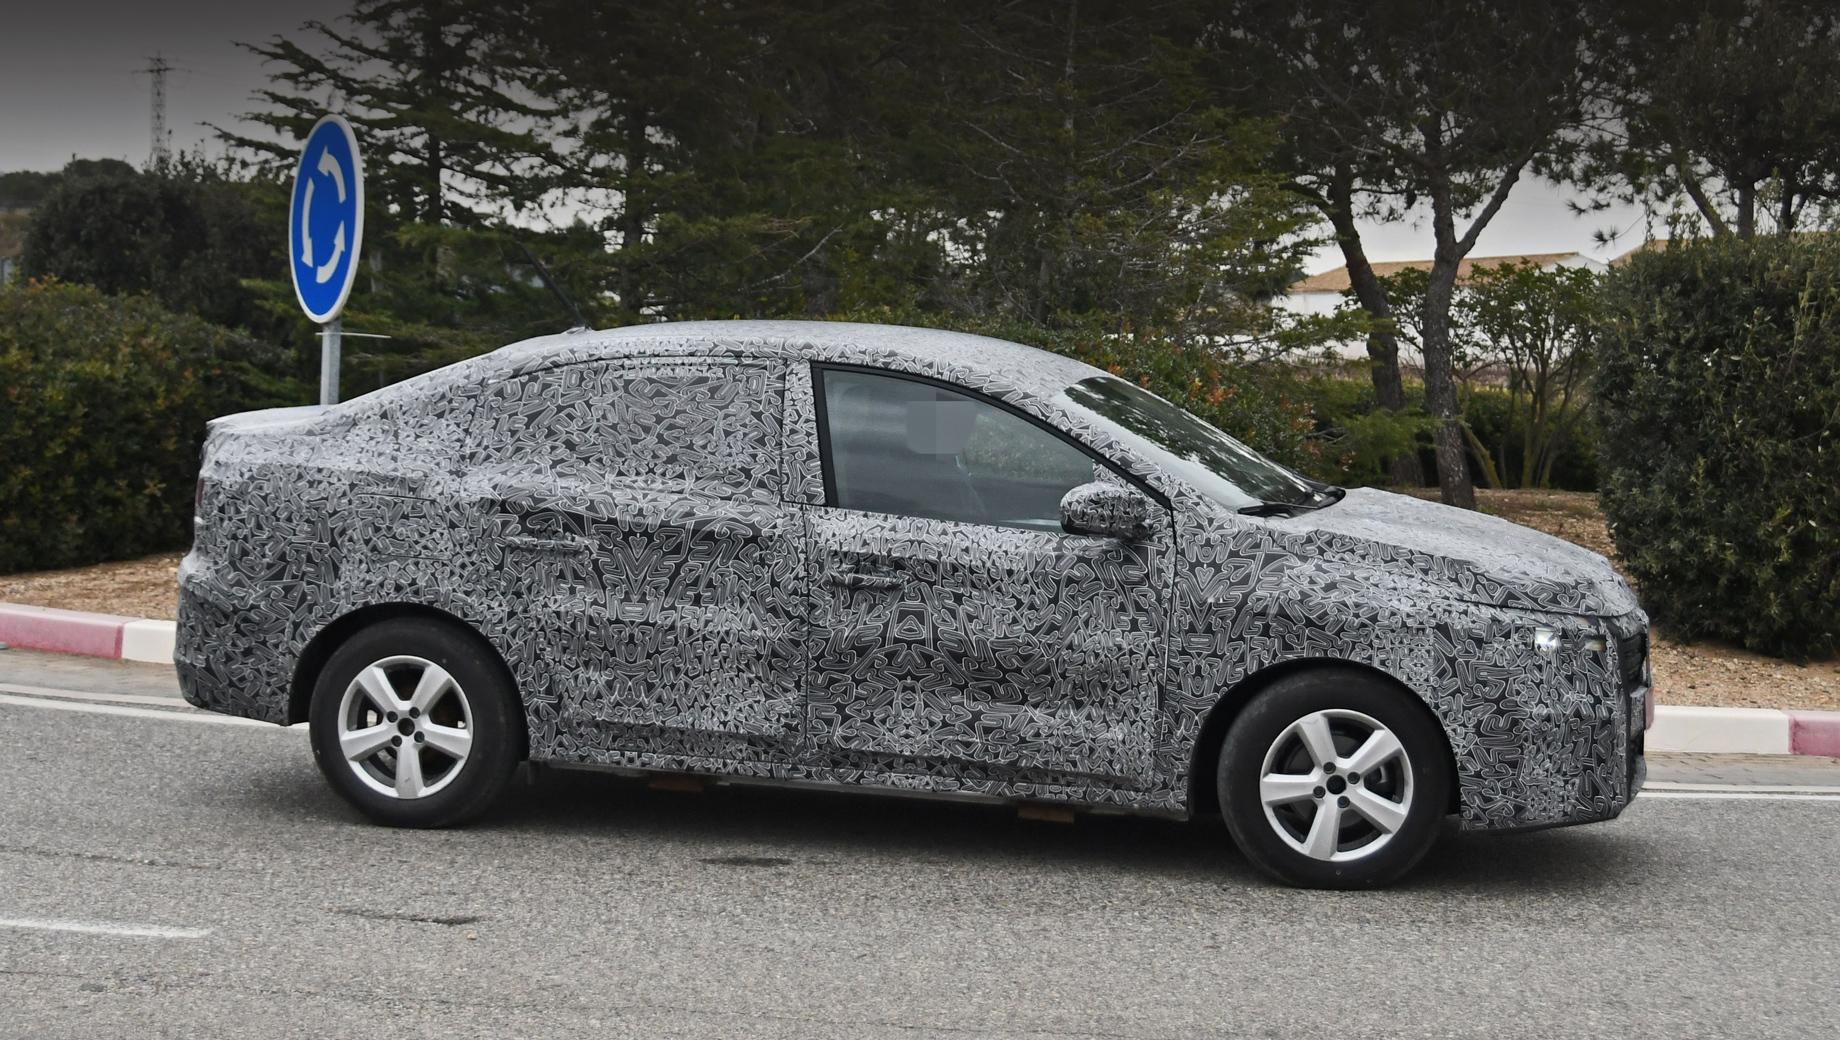 Dacia logan,Dacia sandero,Renault logan,Renault sandero. Судя по прототипу, силуэт нового Логана будет более вытянутым. Может быть, даже пропадёт перемычка на стекле задней двери и появится окошко в стойке. Но пока эти части основательно закамуфлированы.